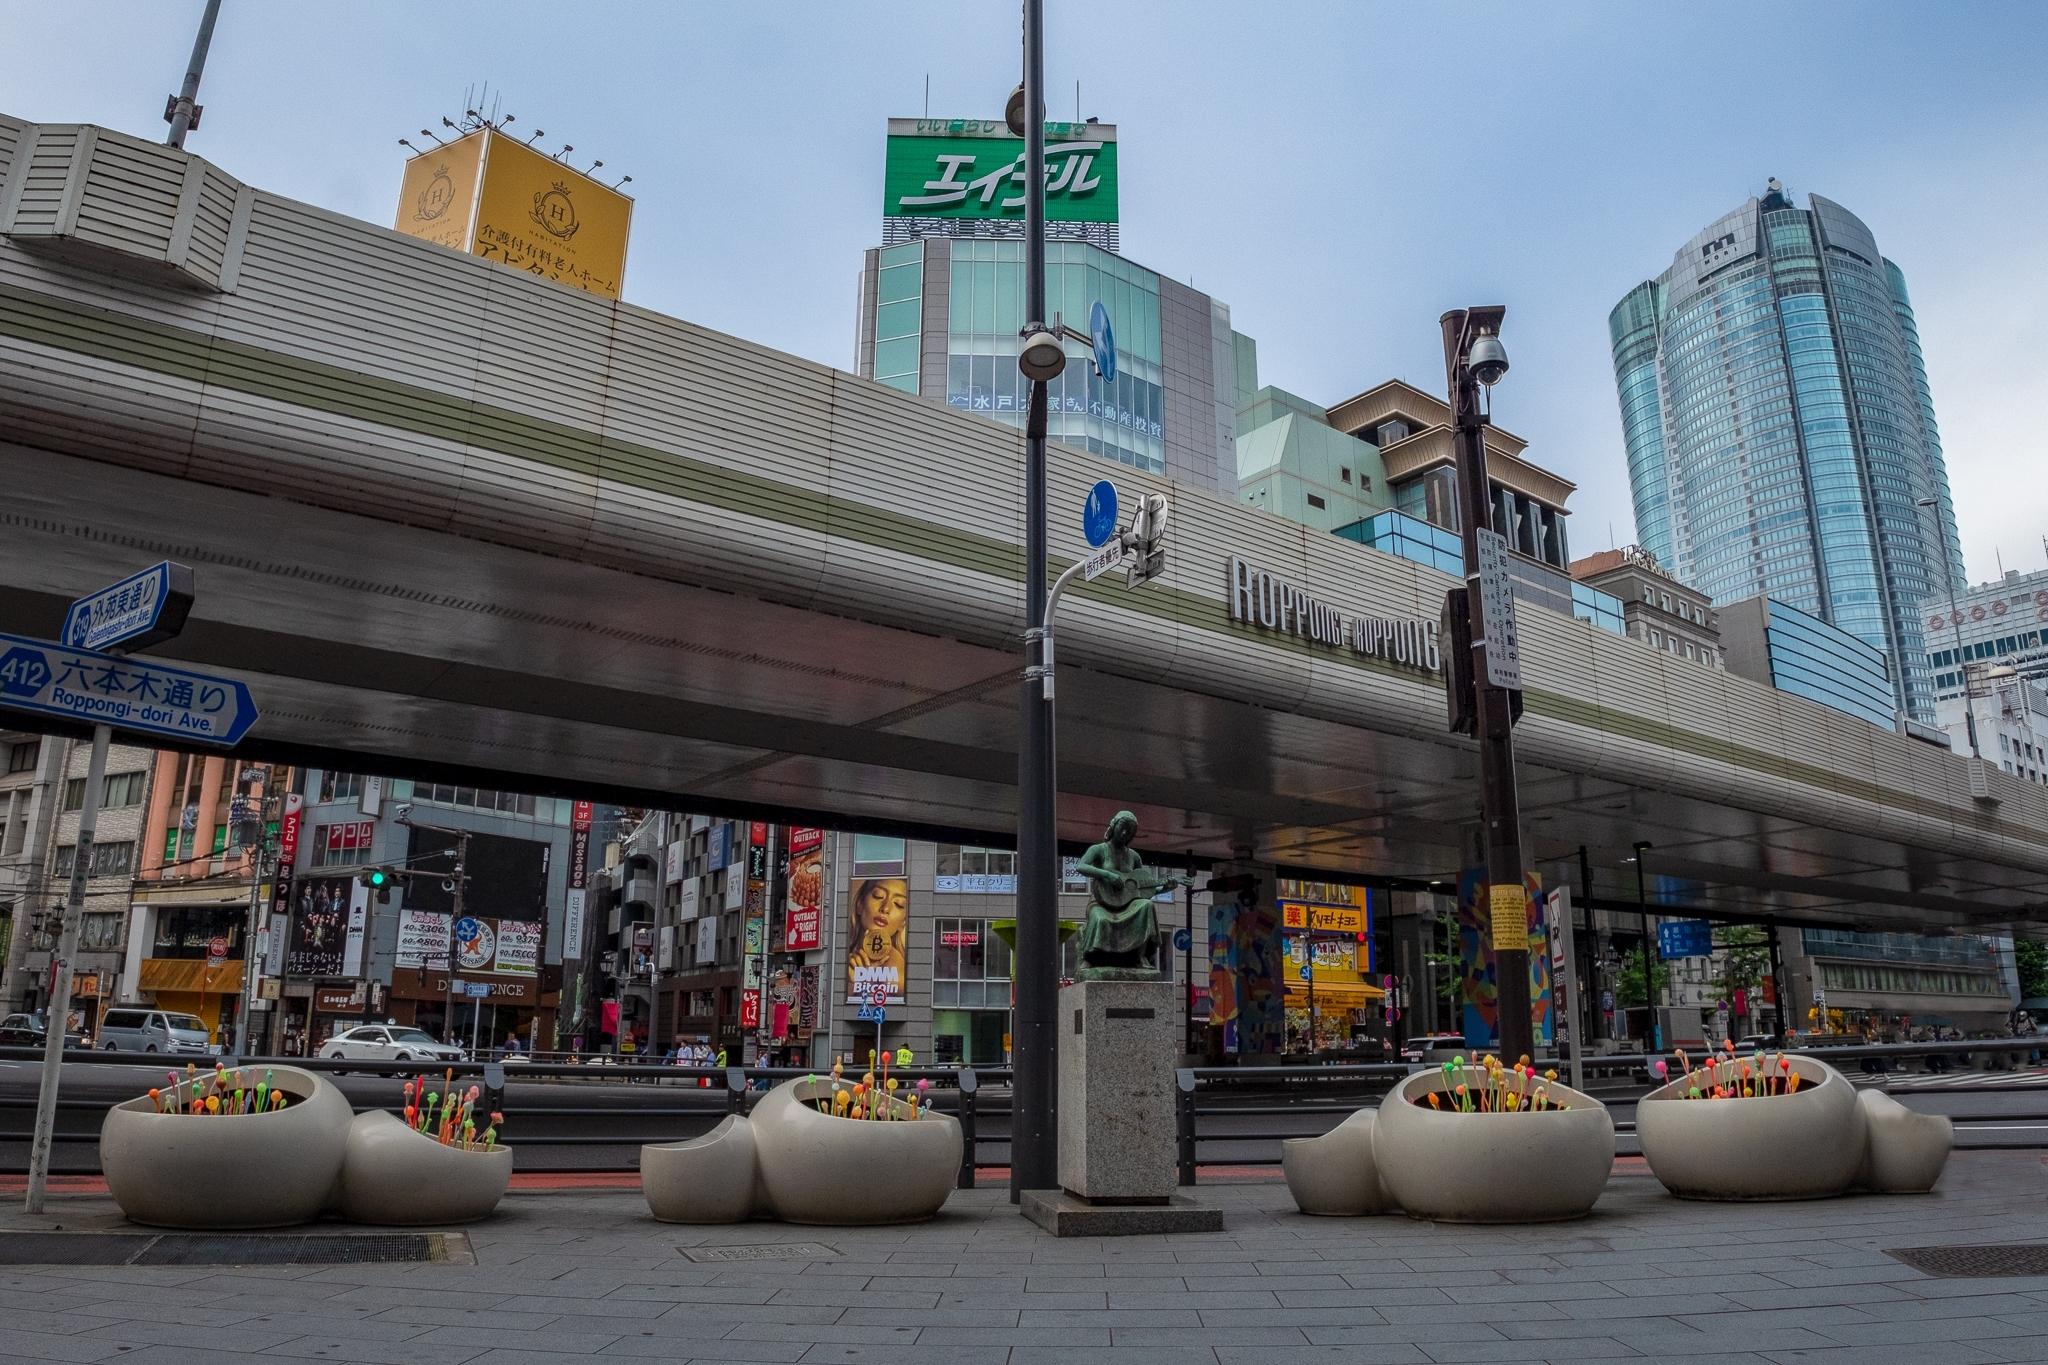 六本木アートナイト2018 六本木交差点